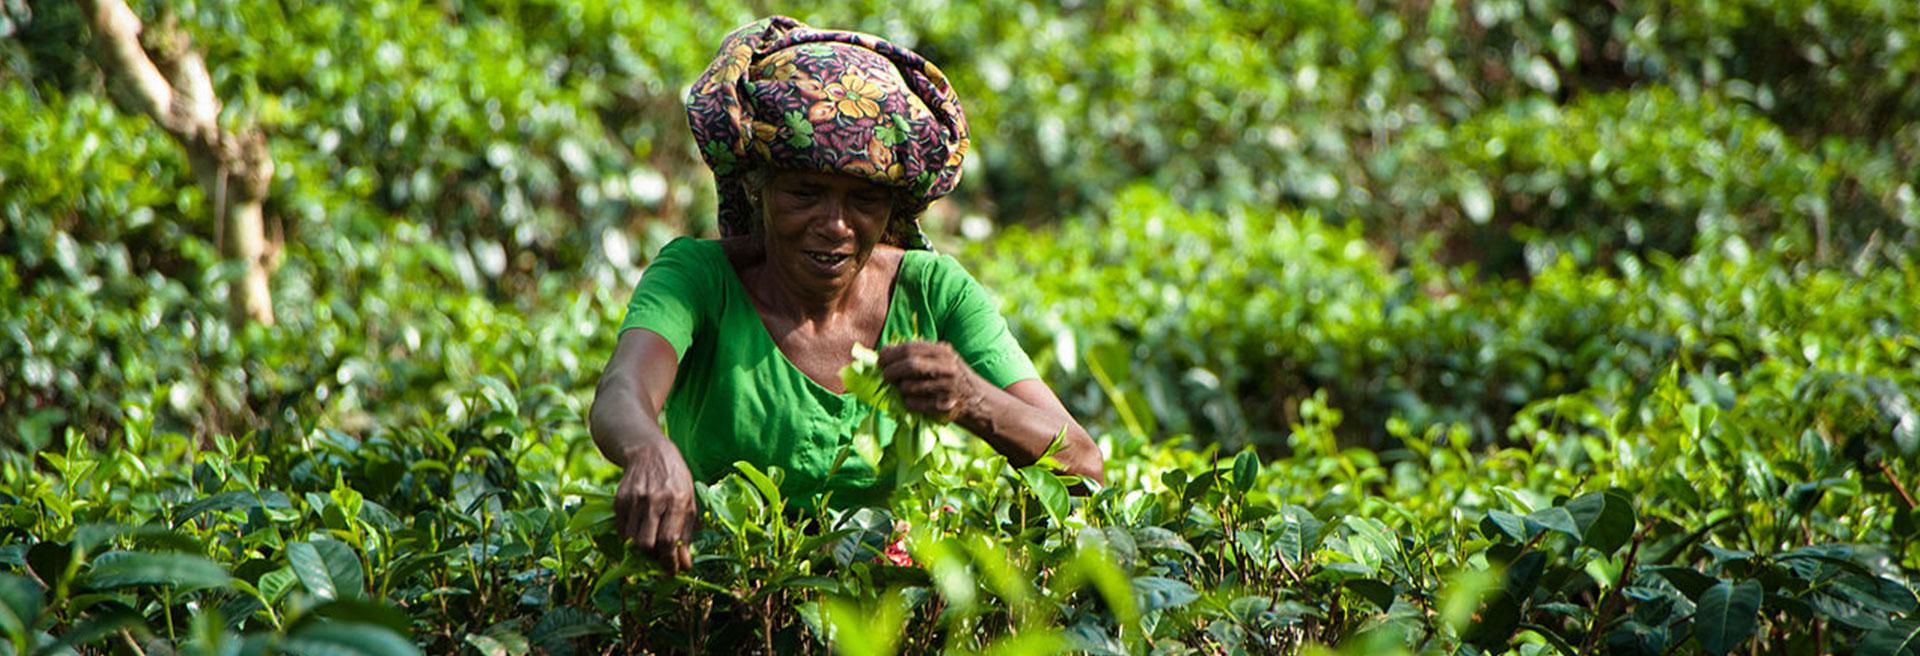 lady plucking tea leaves